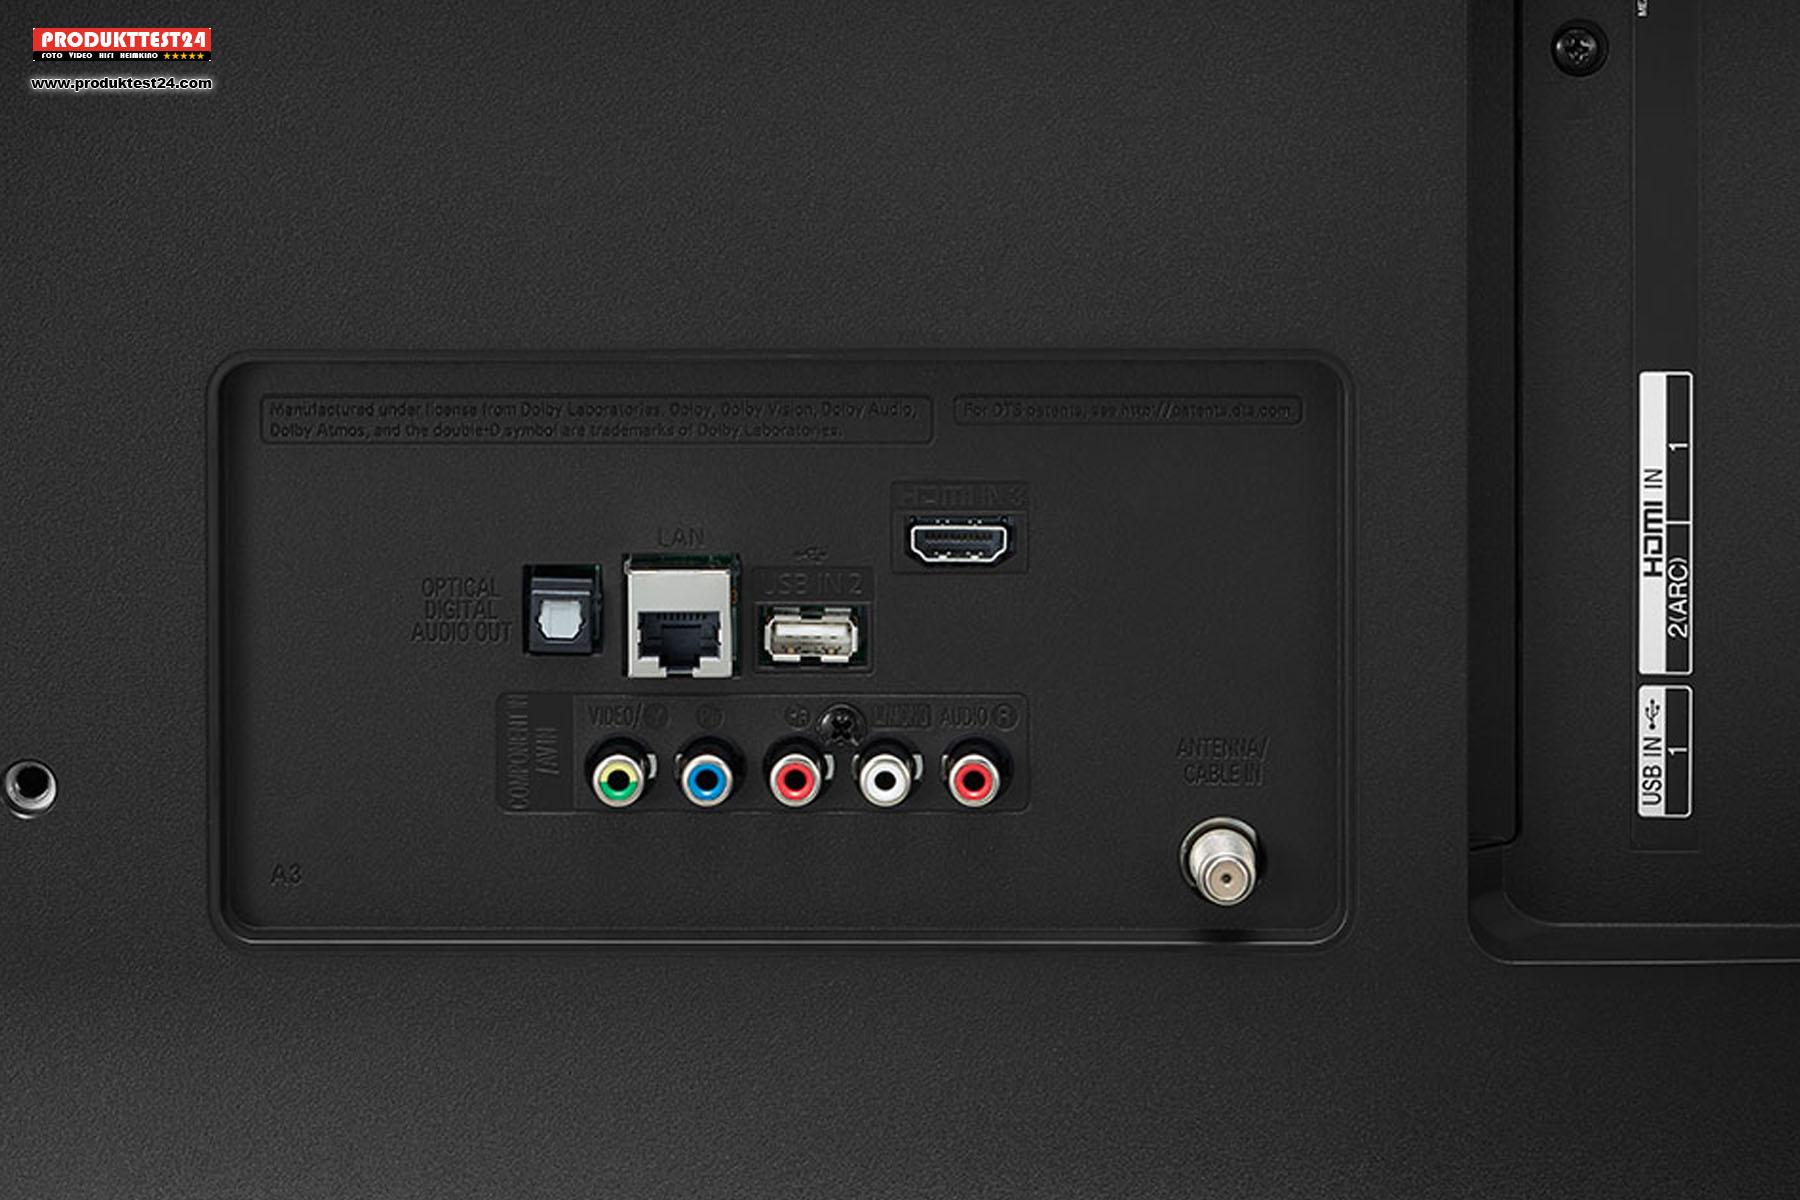 Ausreichend viele Anschlüsse. Der LG 49UN7100 besitzt 3x HDMI, 2x USB und je einen optischen und analogen Ausgang.